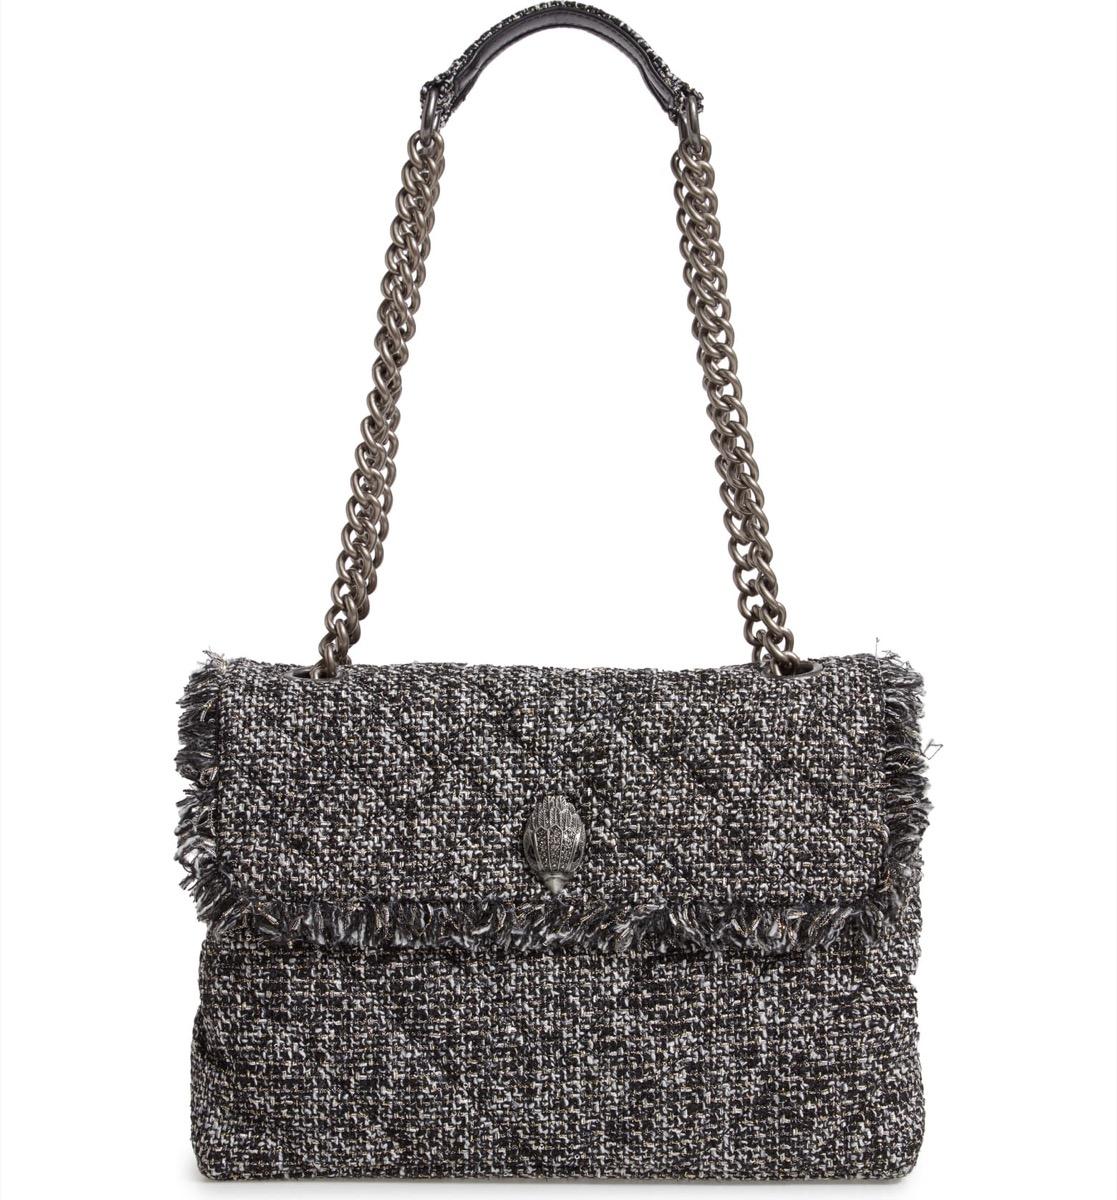 gray tweed bag, Nordstrom anniversary sale